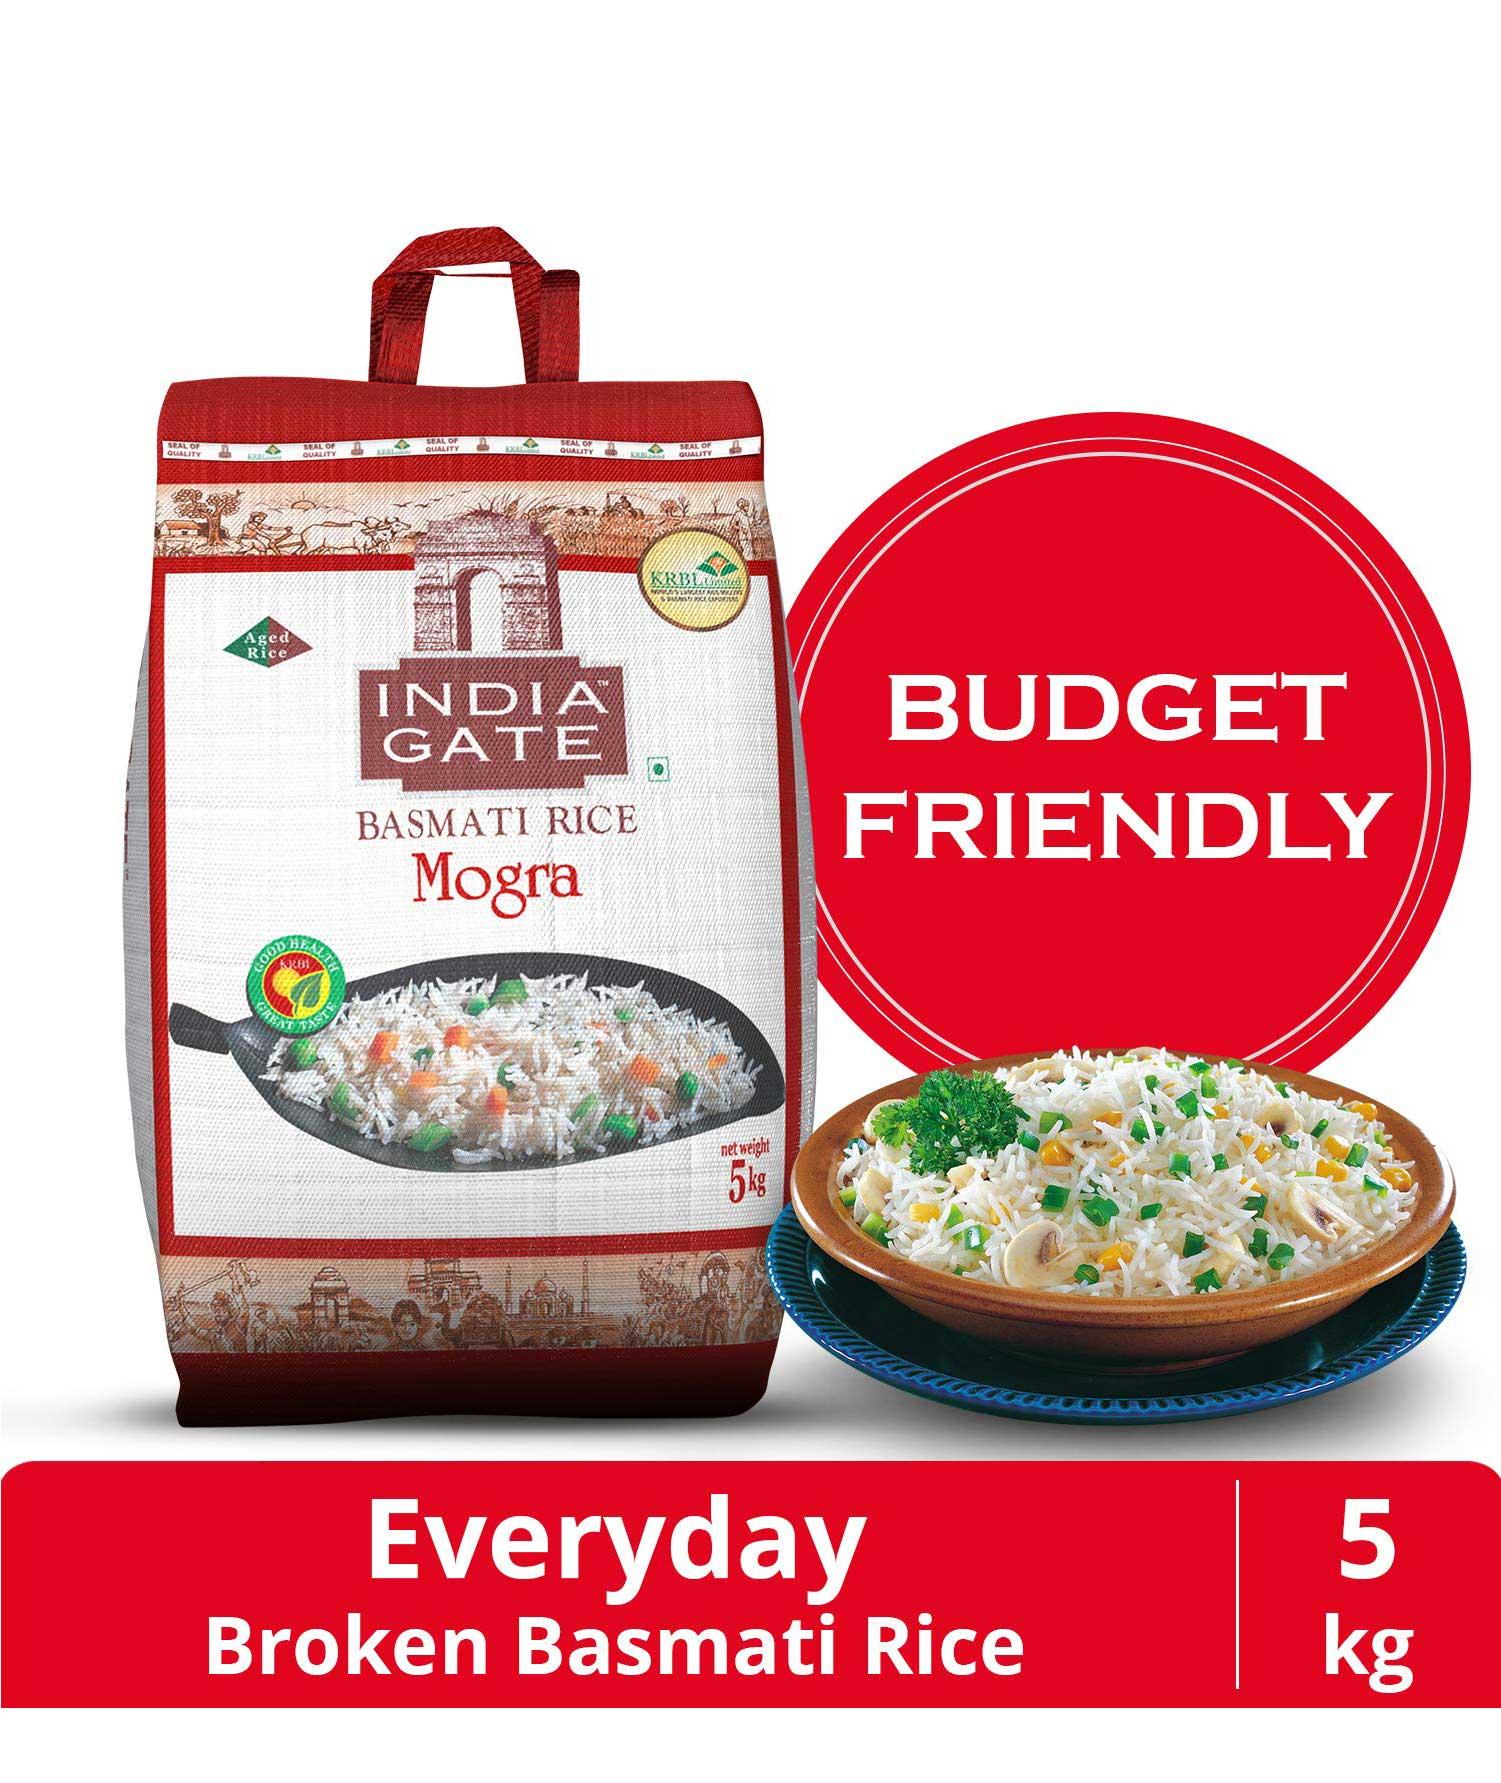 India Gate Basmati Rice Bag, Mogra, 5kg (Broken rice)